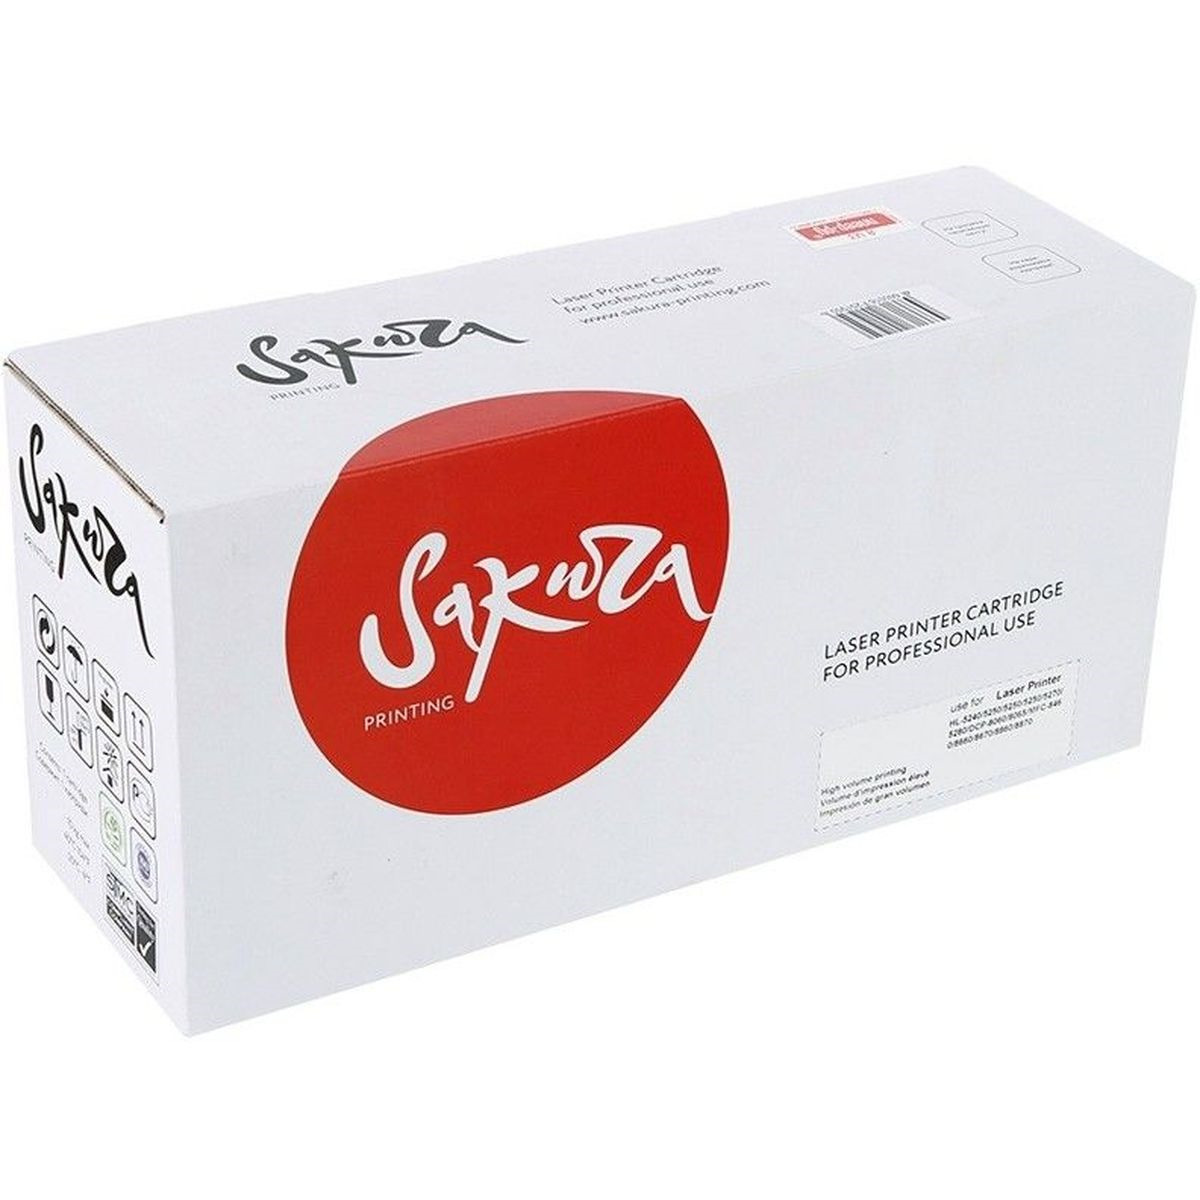 Черный лазерный фотобарабан HP 34A CF234A для принтеров МФУ HP LaserJet Ultra M134a,M134fn,M106w можно использовать для профессиональной печати документов и маркетинговых материалов дома и в офисе.Ресурс 9200.Заявленный средний ресурс указан в соответстви